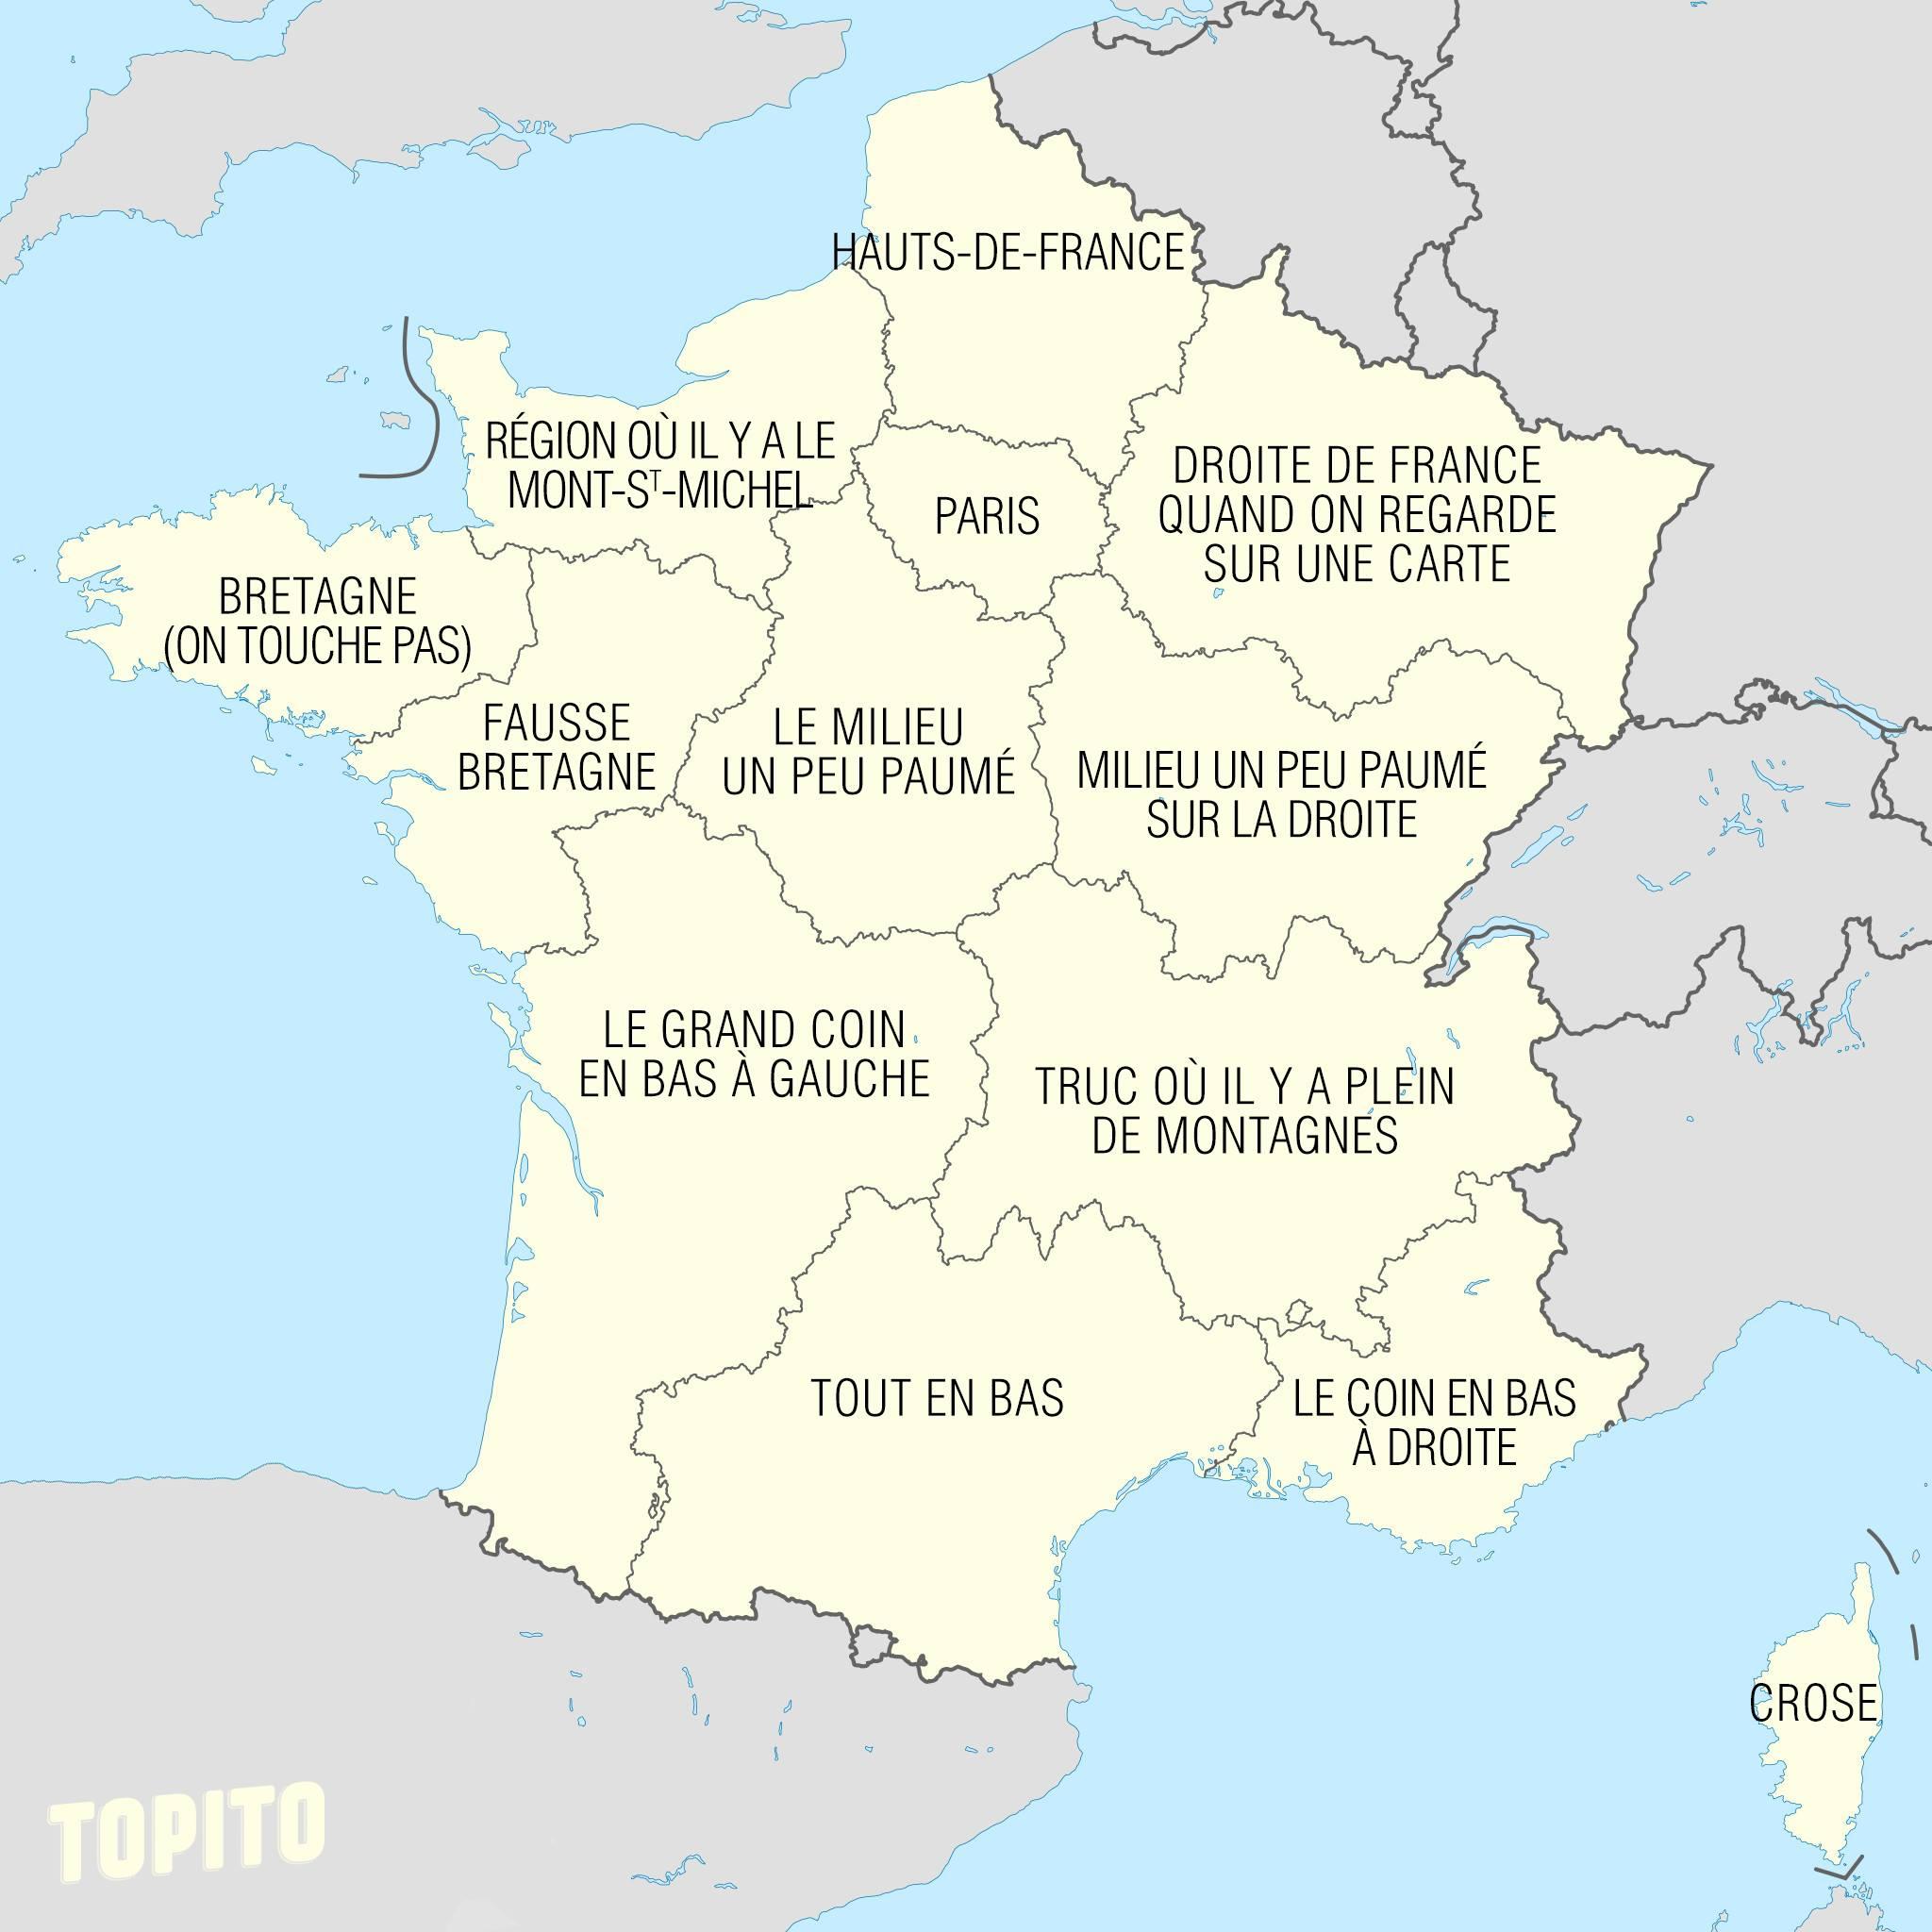 Nouvelles Régions De France! - Délit D'im@ges dedans Les Nouvelles Régions De France